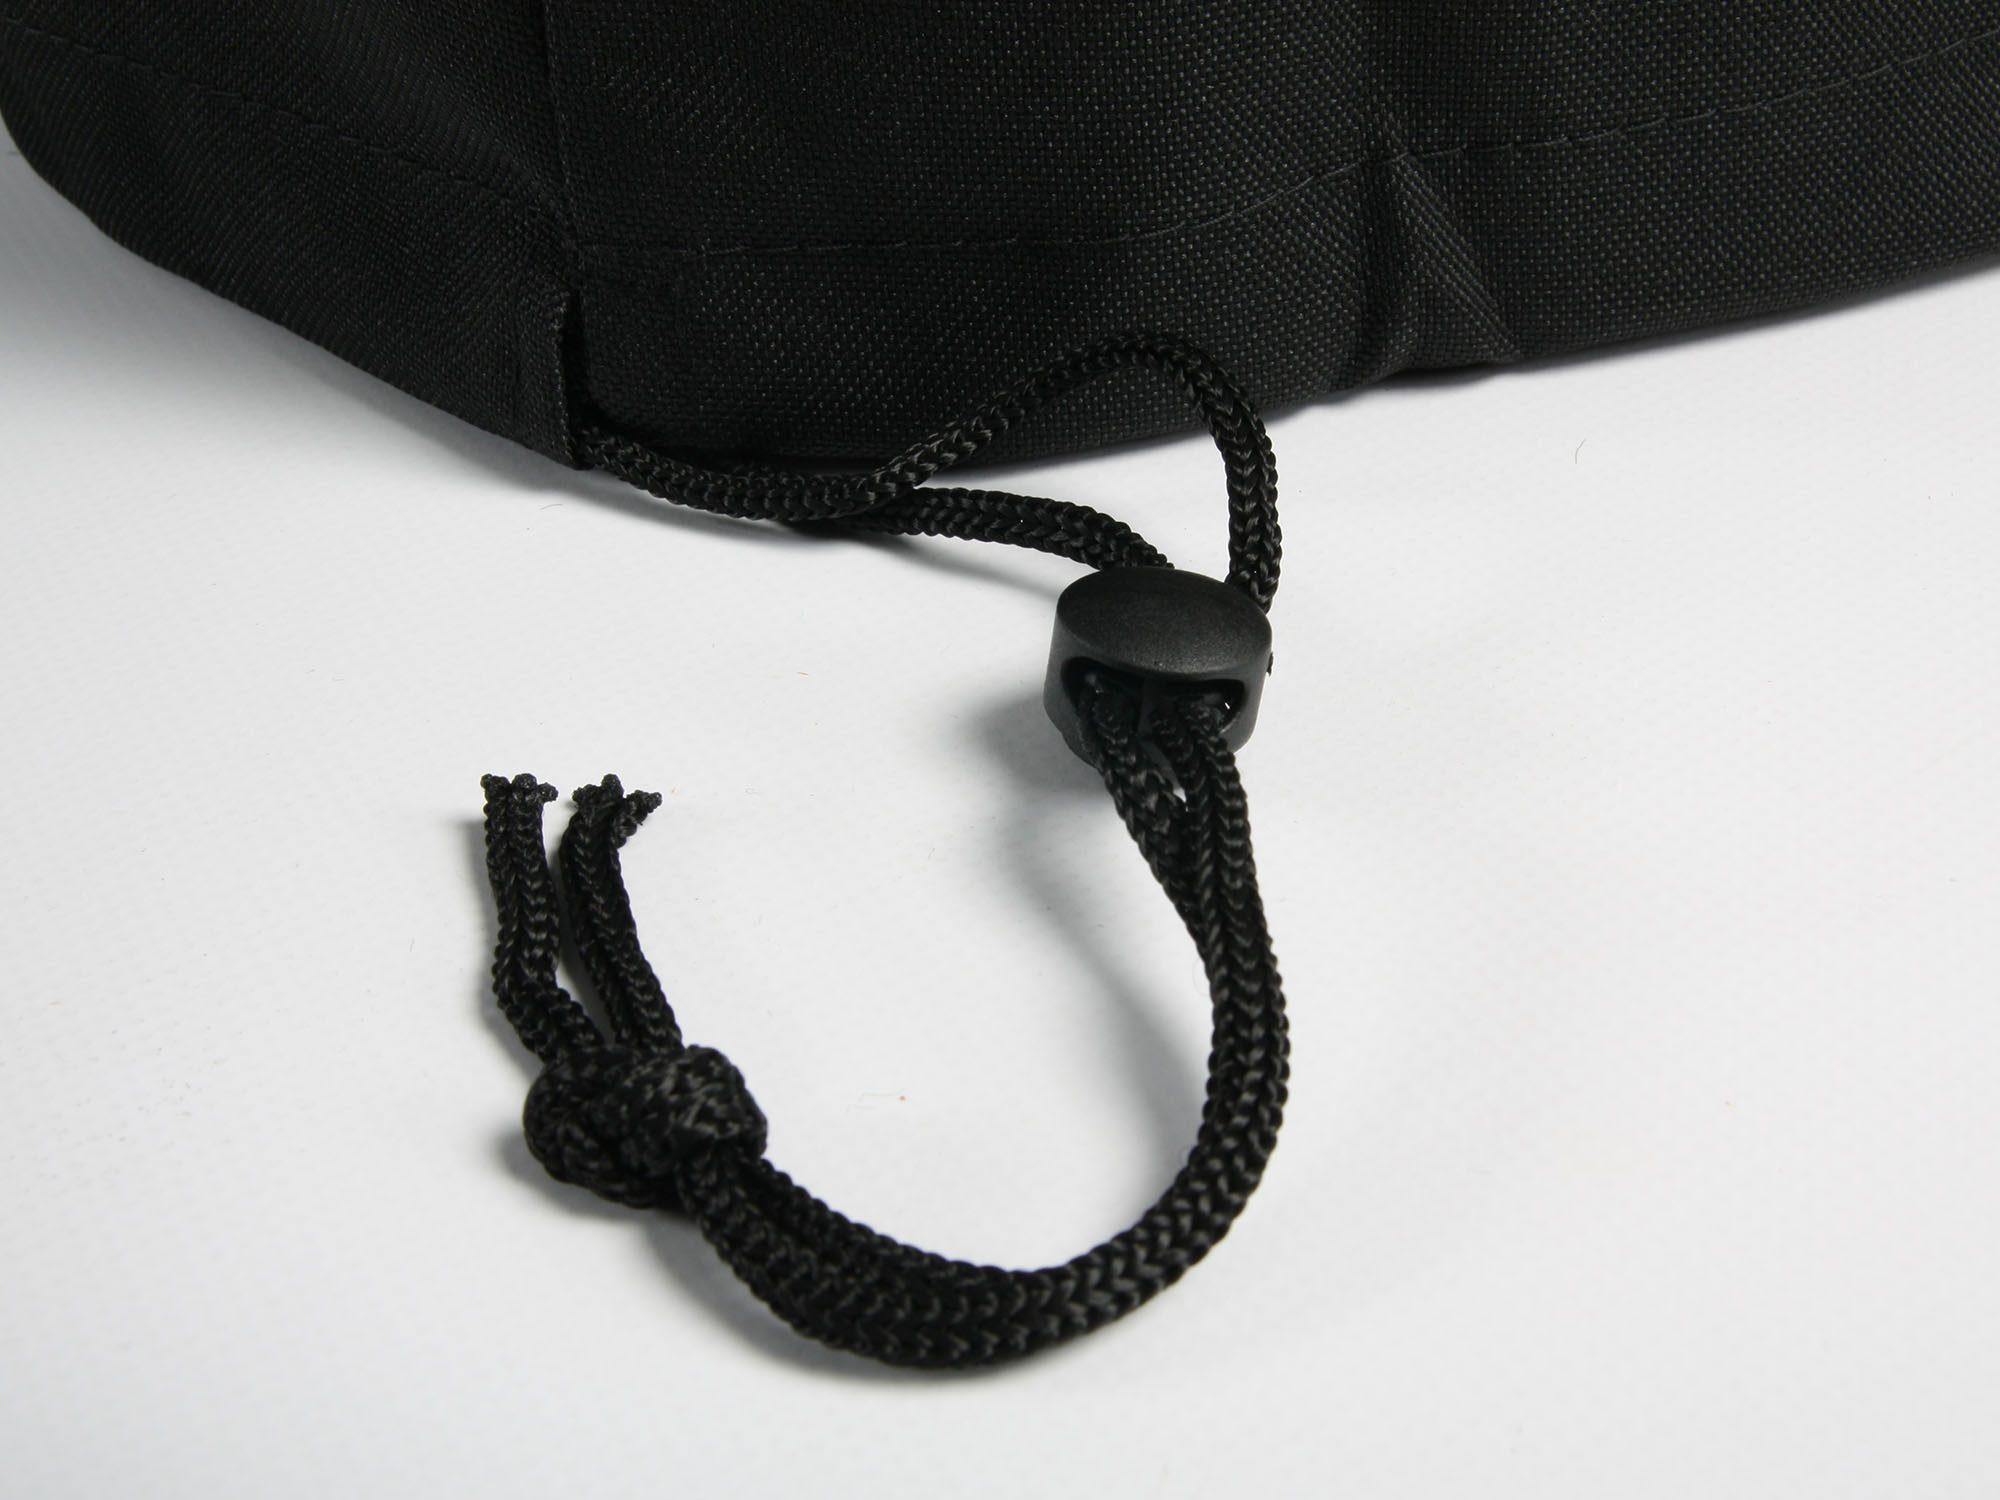 Detalbild på dragspännena till Cane-Lines möbelskydd.